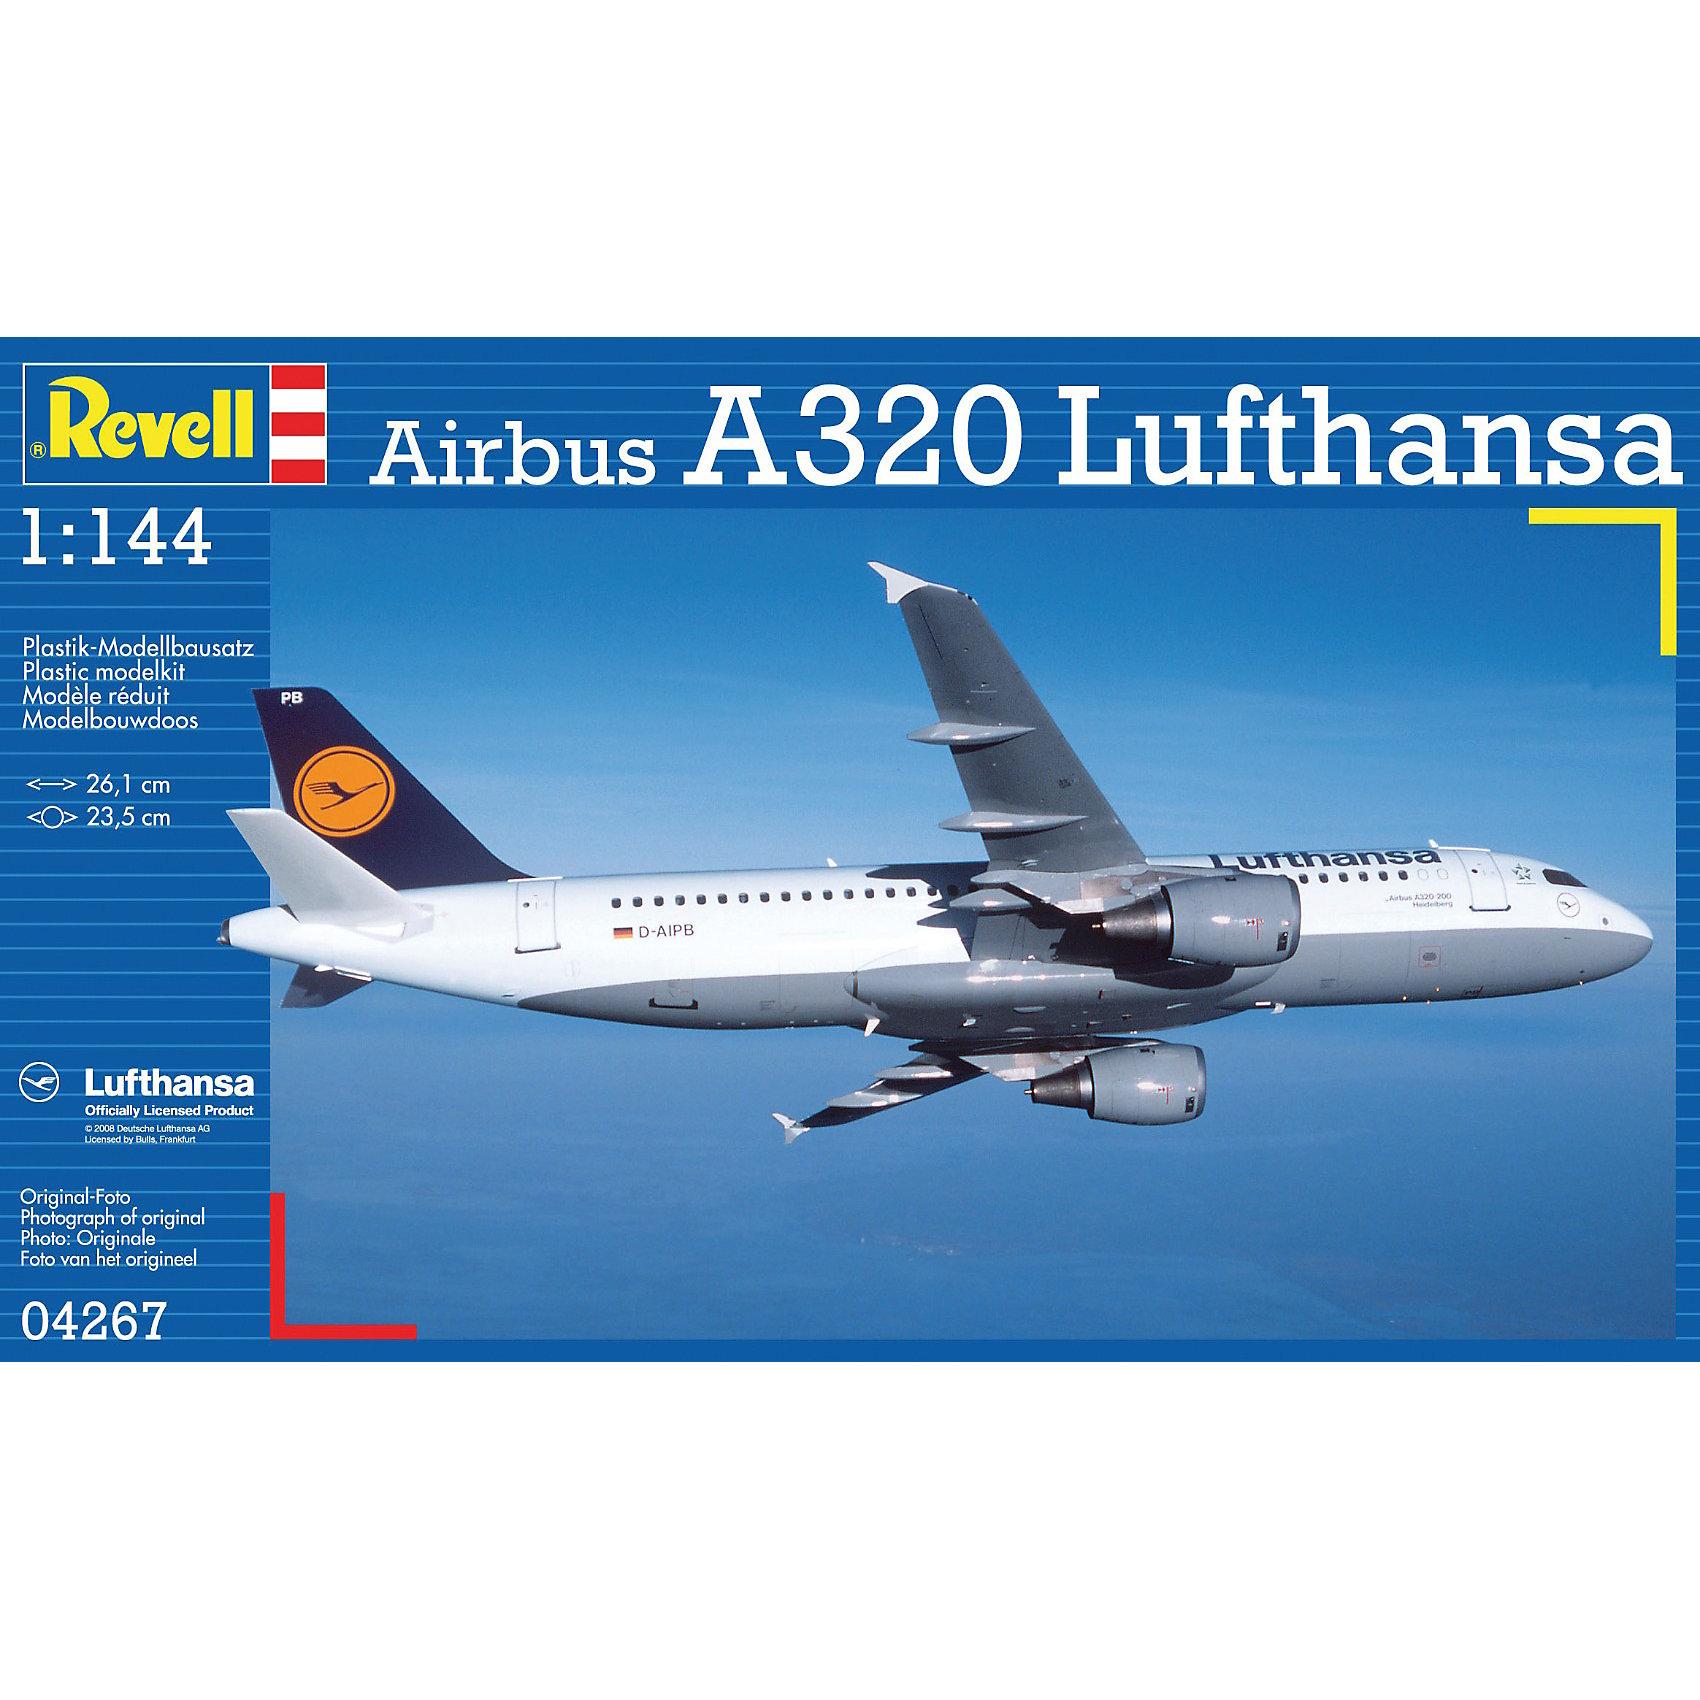 Аэробус Airbus A320 Lufthansa; 1:144Модели для склеивания<br>Масштаб: 1:144; <br>Количество деталей: 60 шт.; <br>Длина модели: 261 мм.; <br>Размах крыльев: 235 мм; <br>Подойдет для детей старше 10-и лет. <br>Модель самолёта Airbus A320 Lufthansa от фирмы Revell является уменьшенной копией одноименного международного аоэробуса. Впервые произведен в 1987 году. Модель станет отличным украшением комнаты и дополнением Вашей коллекции. <br>Технические характеристики настоящего самолета:  <br>Мощность двигателей: 2х11574 kp; <br>Максимальная скорость: 872 км/ч; <br>ВНИМАНИЕ: Клей, краски и кисточки приобретаются отдельно.<br><br>Ширина мм: 354<br>Глубина мм: 213<br>Высота мм: 50<br>Вес г: 244<br>Возраст от месяцев: 168<br>Возраст до месяцев: 228<br>Пол: Мужской<br>Возраст: Детский<br>SKU: 1767265